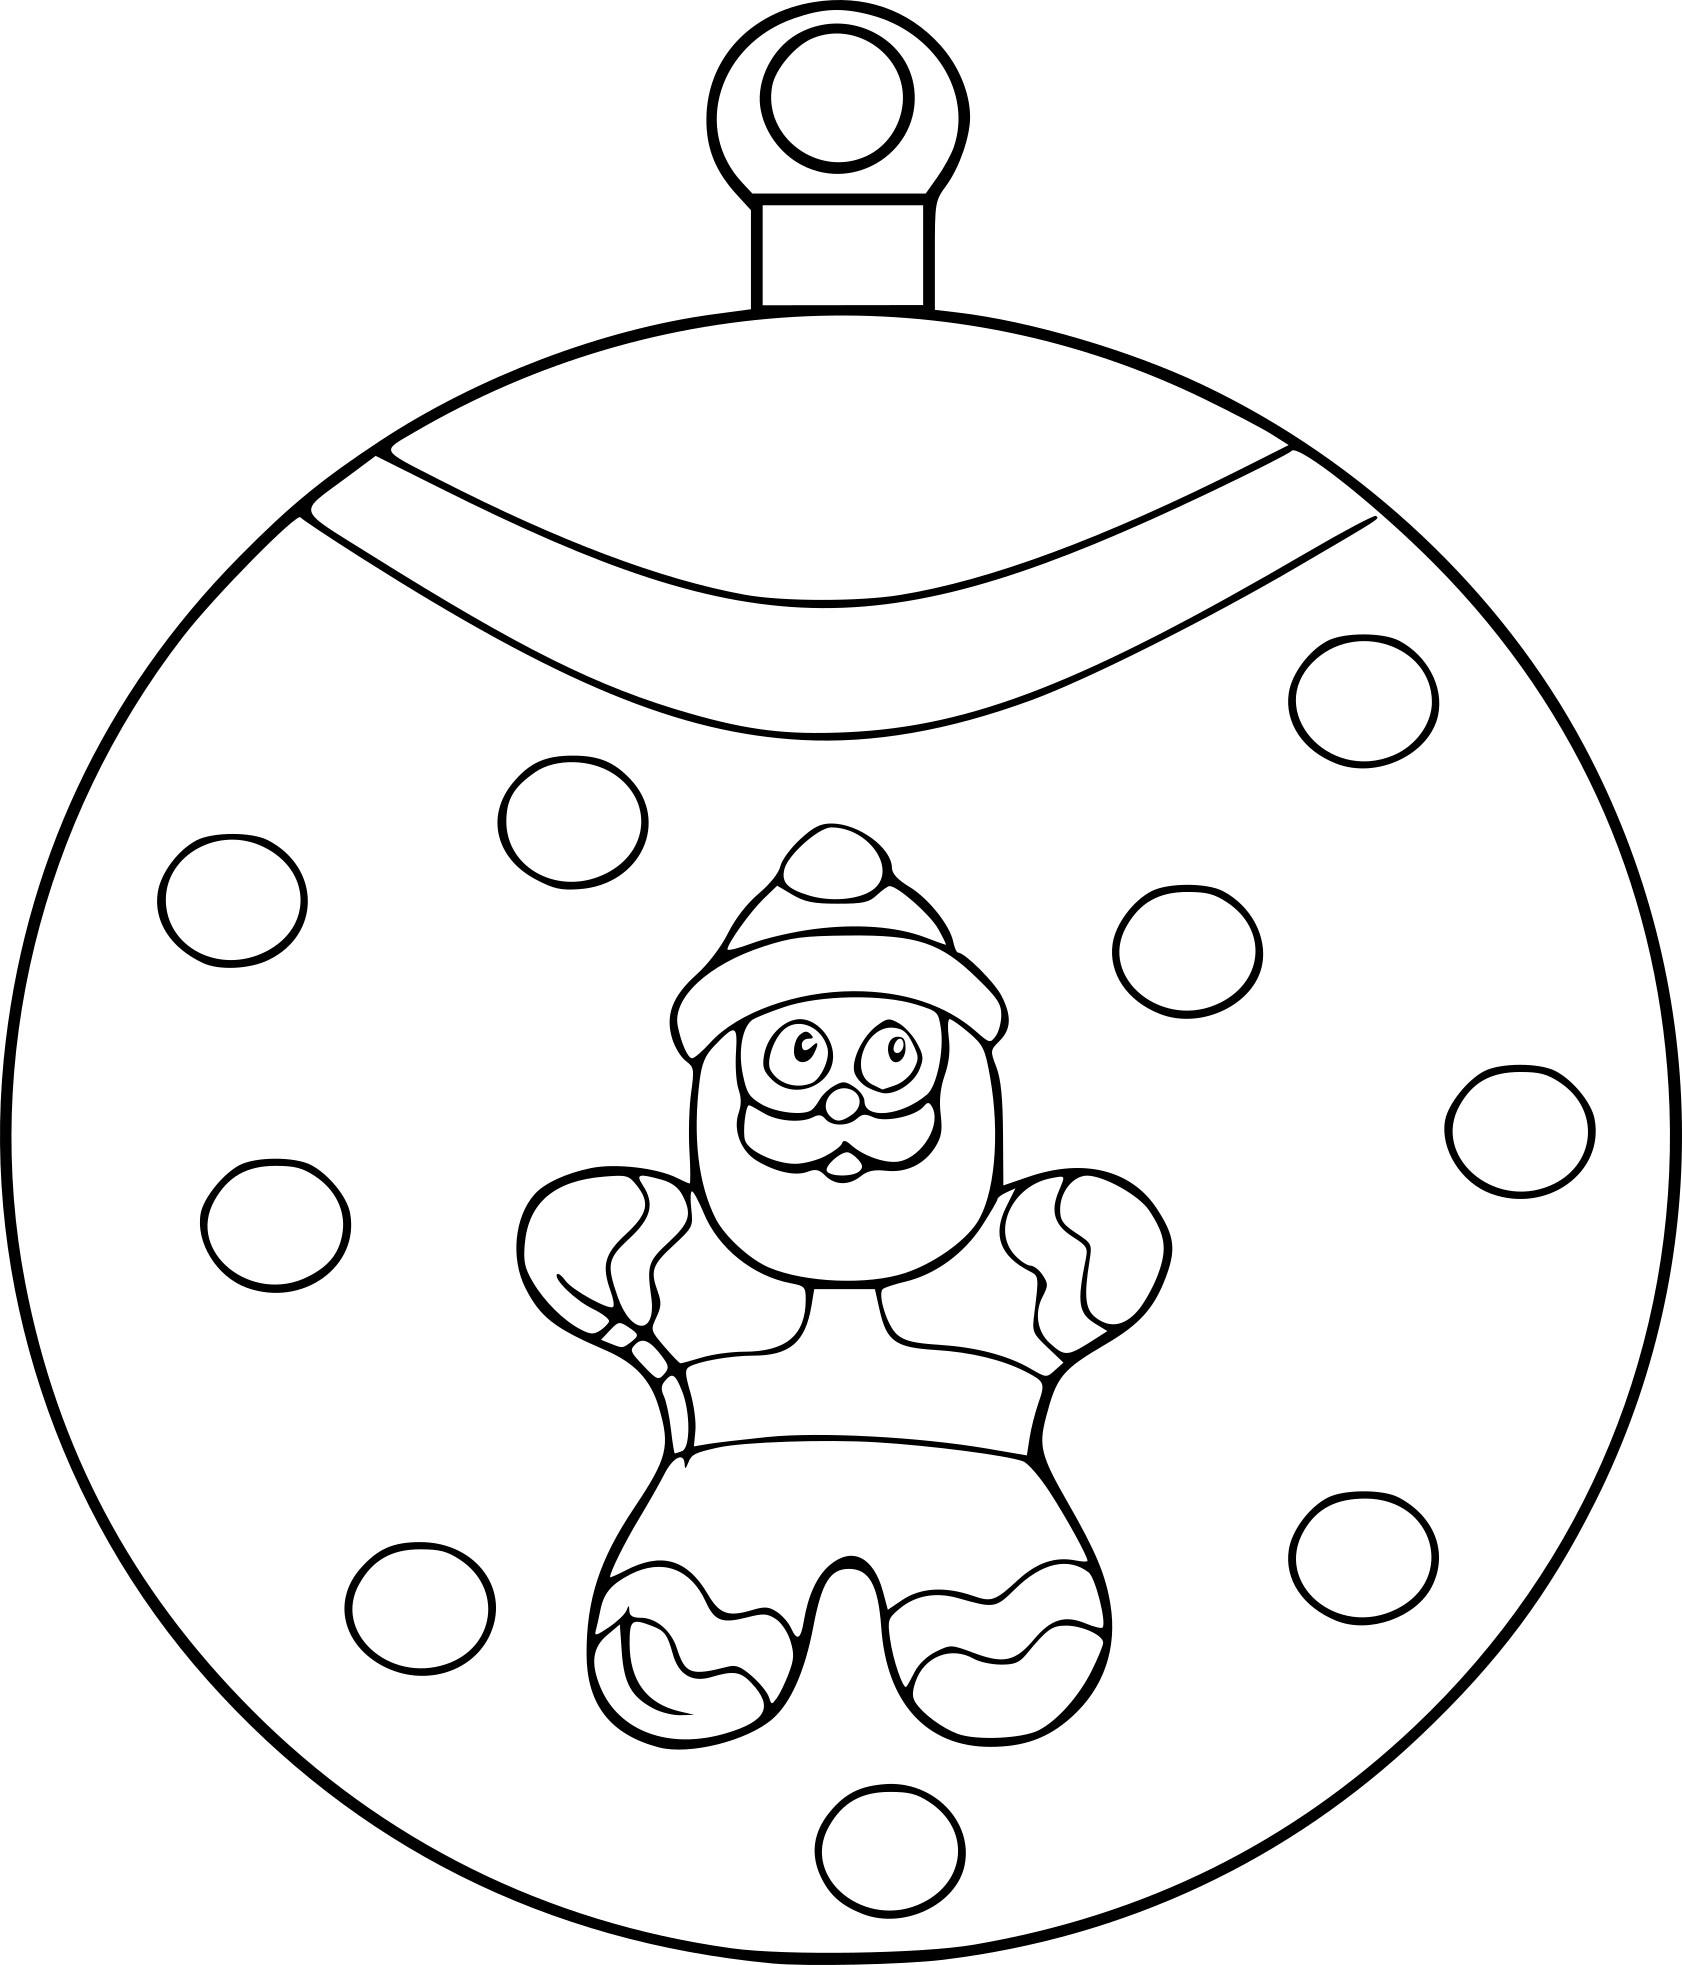 Coloriage Boule Père Noël À Imprimer pour Coloriage De Pere Noel A Imprimer Gratuitement